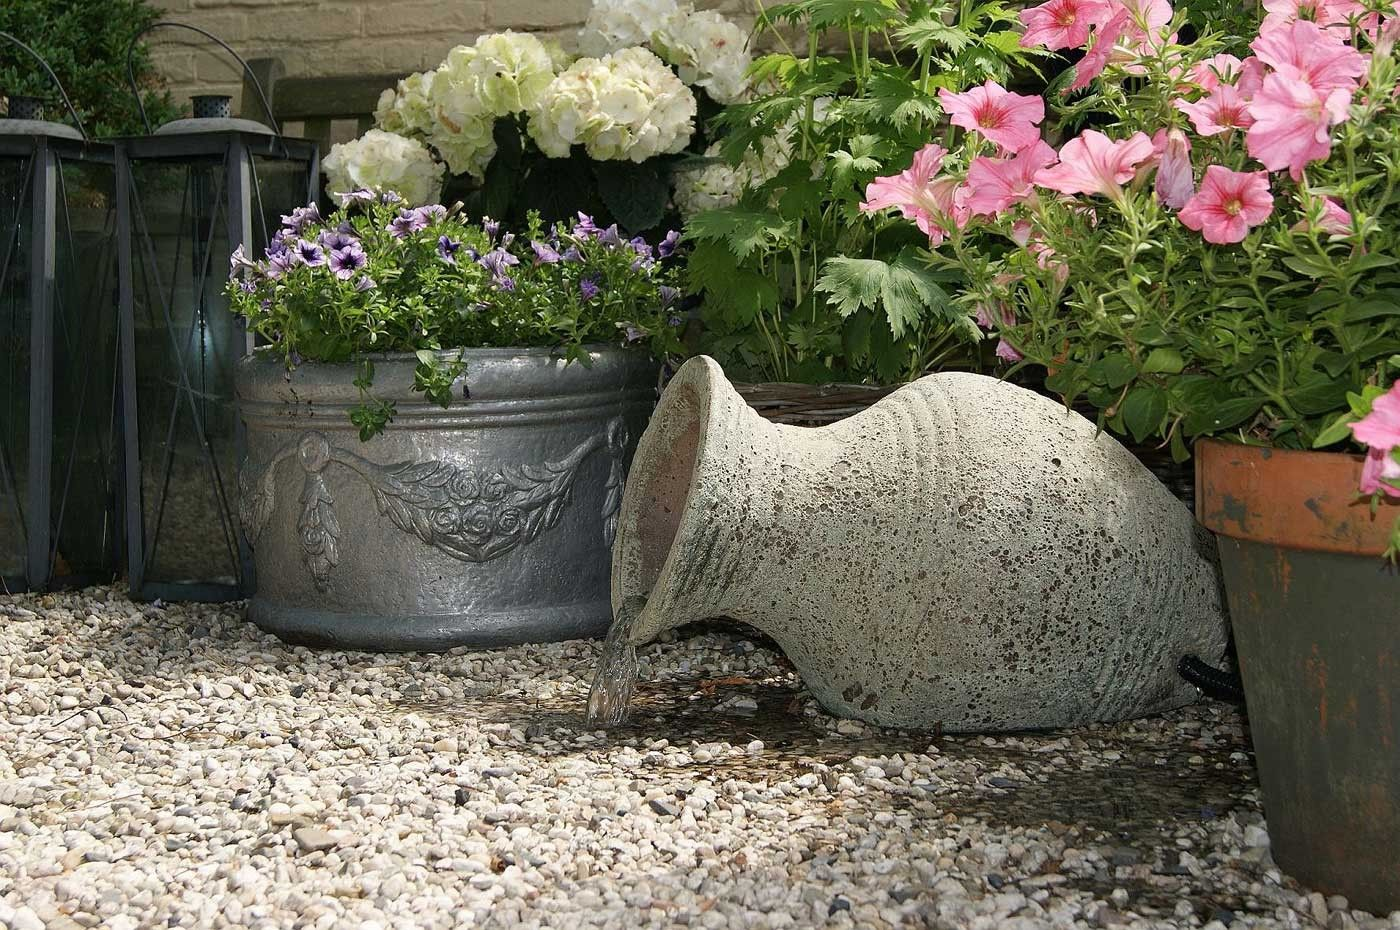 Cascade De Jardin En Ceramique Larissa 30 X 53 X 34 Cm Fontaine